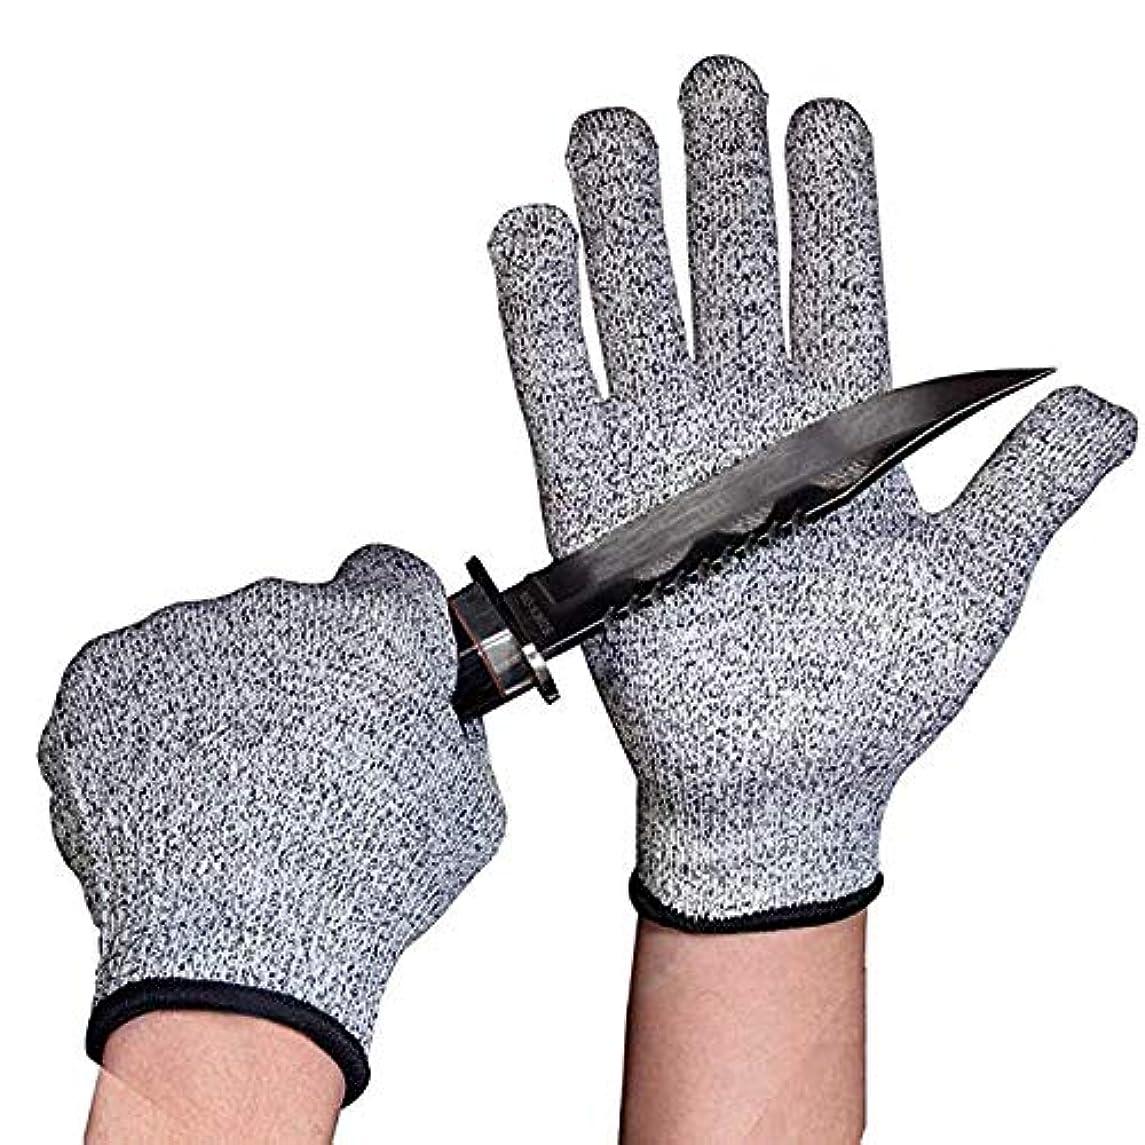 ぜいたくローズスカープキッチン、切断、庭やマンドリンスライスのためカット耐性の手袋食品グレードレベル5の保護安全ワークグローブ,L